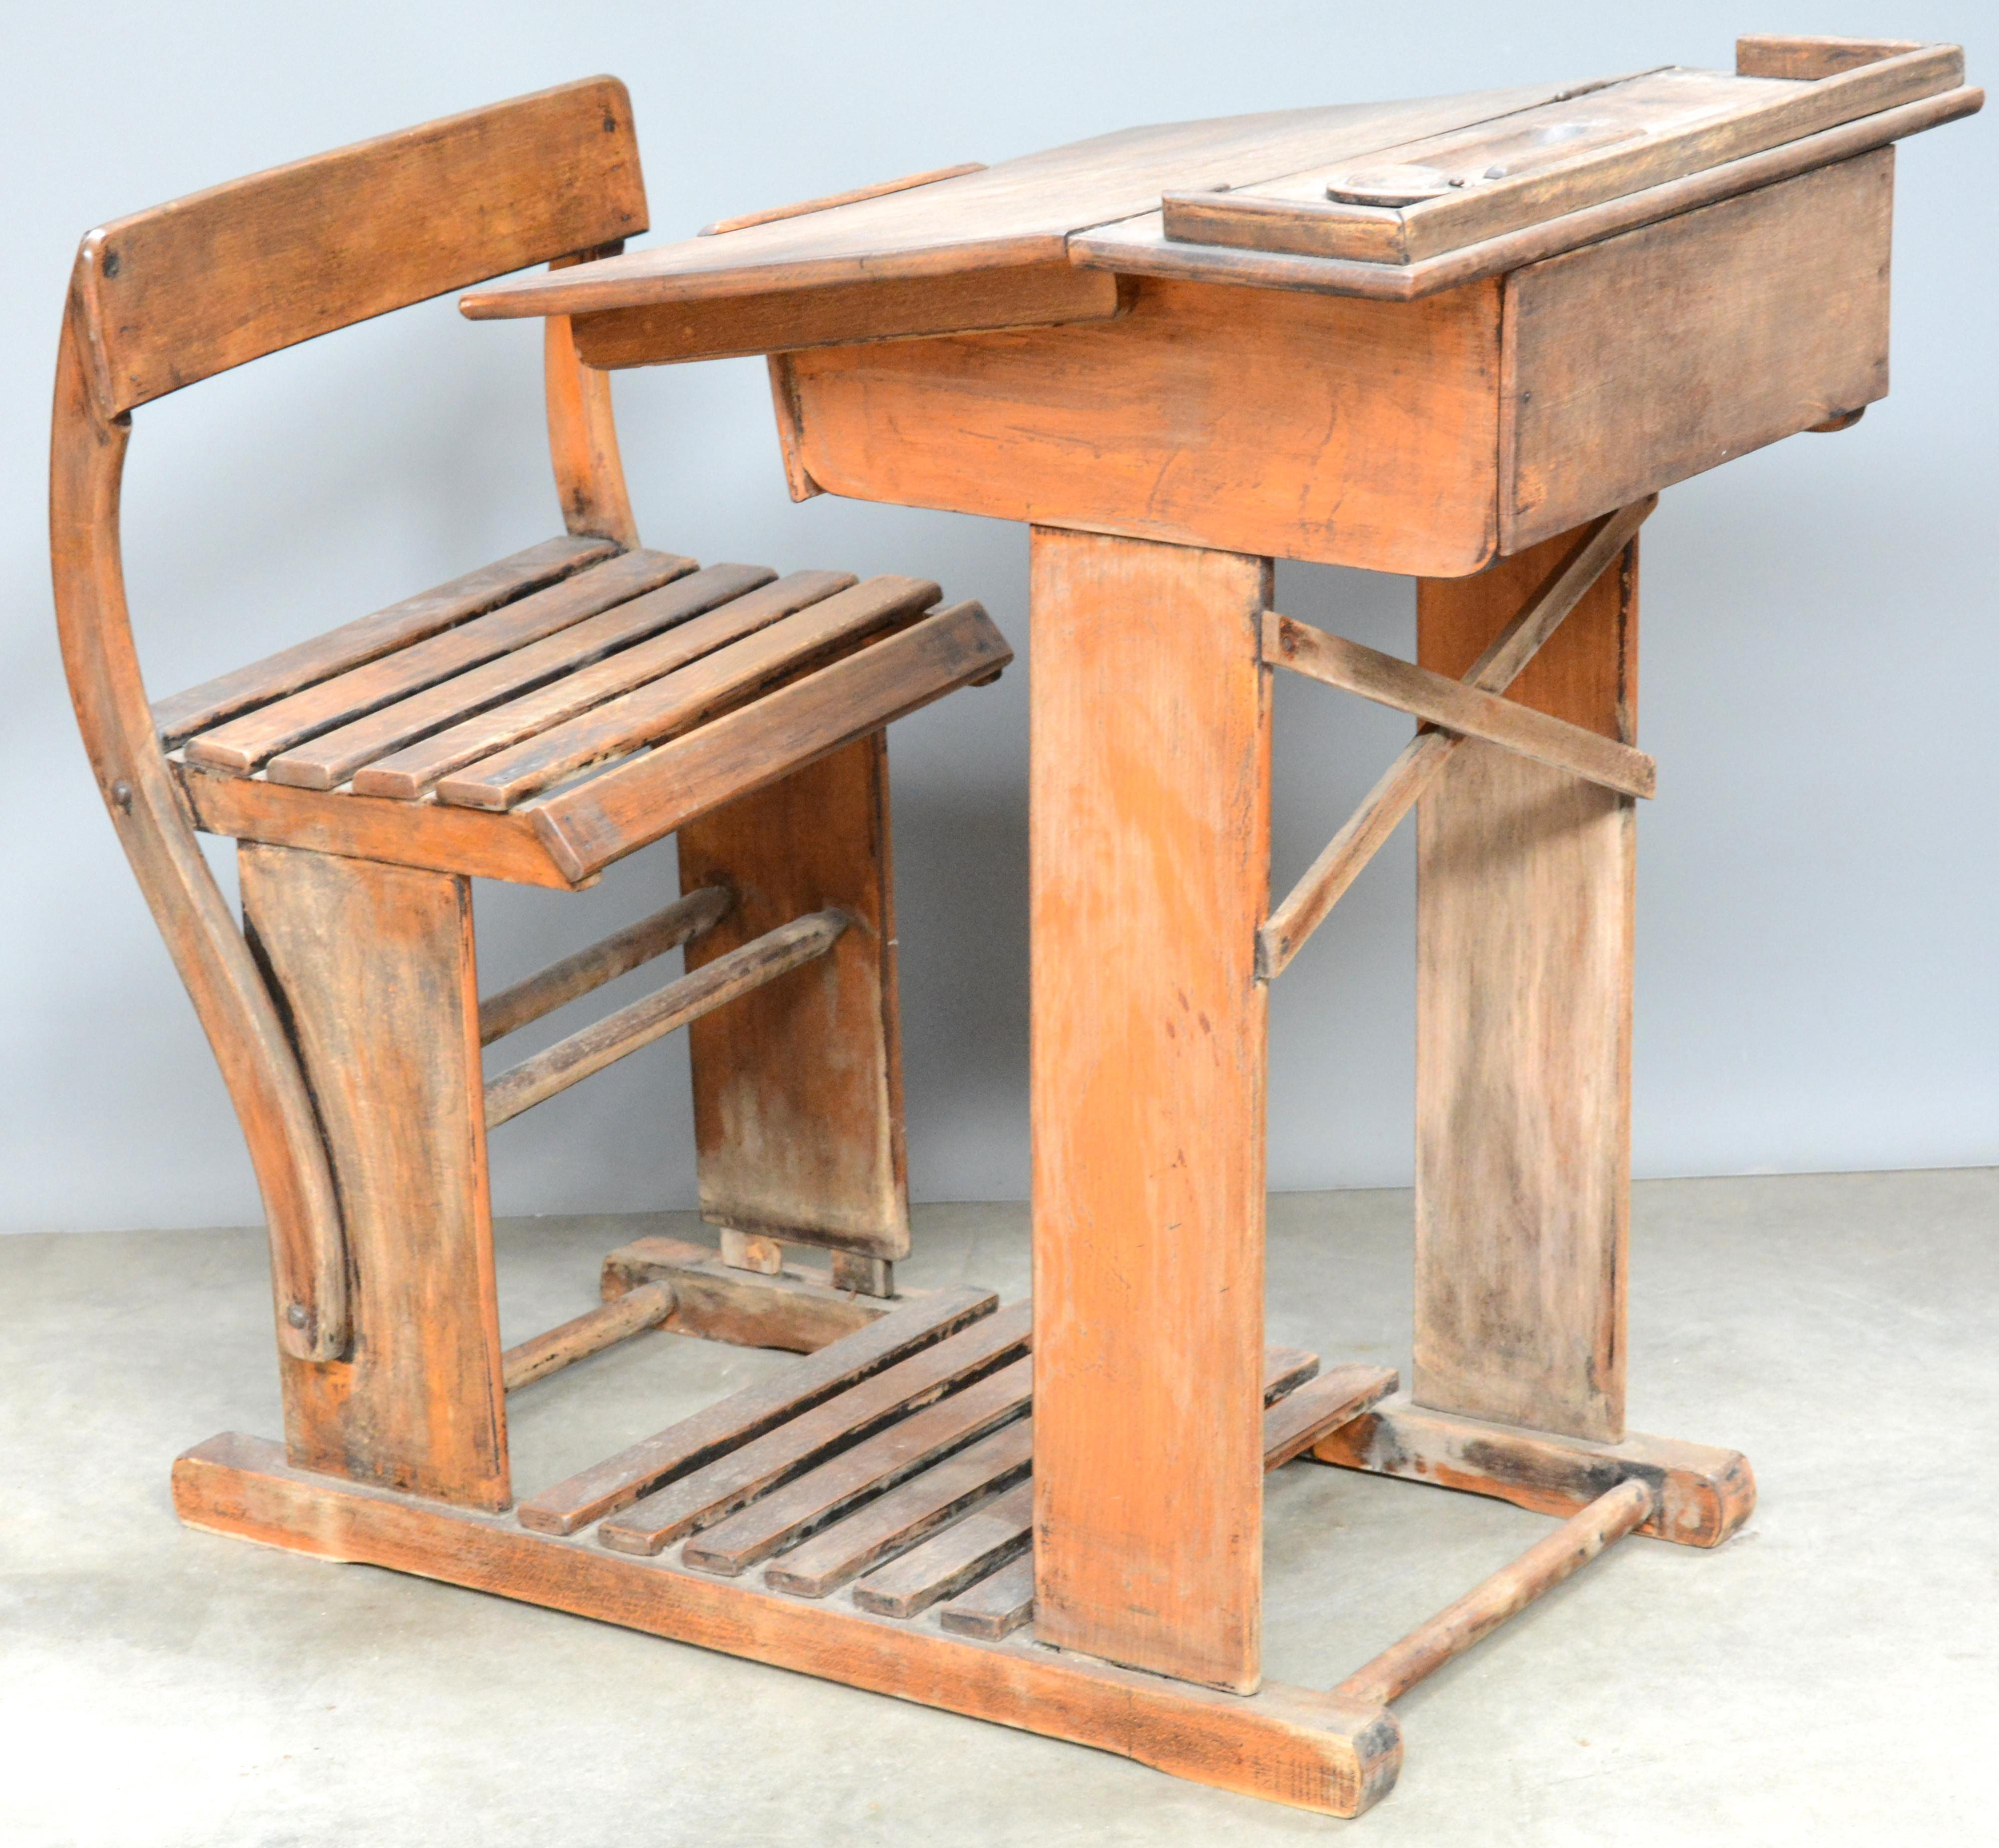 Hedendaags Een oude houten schoolbank. – Jordaens N.V. Veilinghuis IT-19